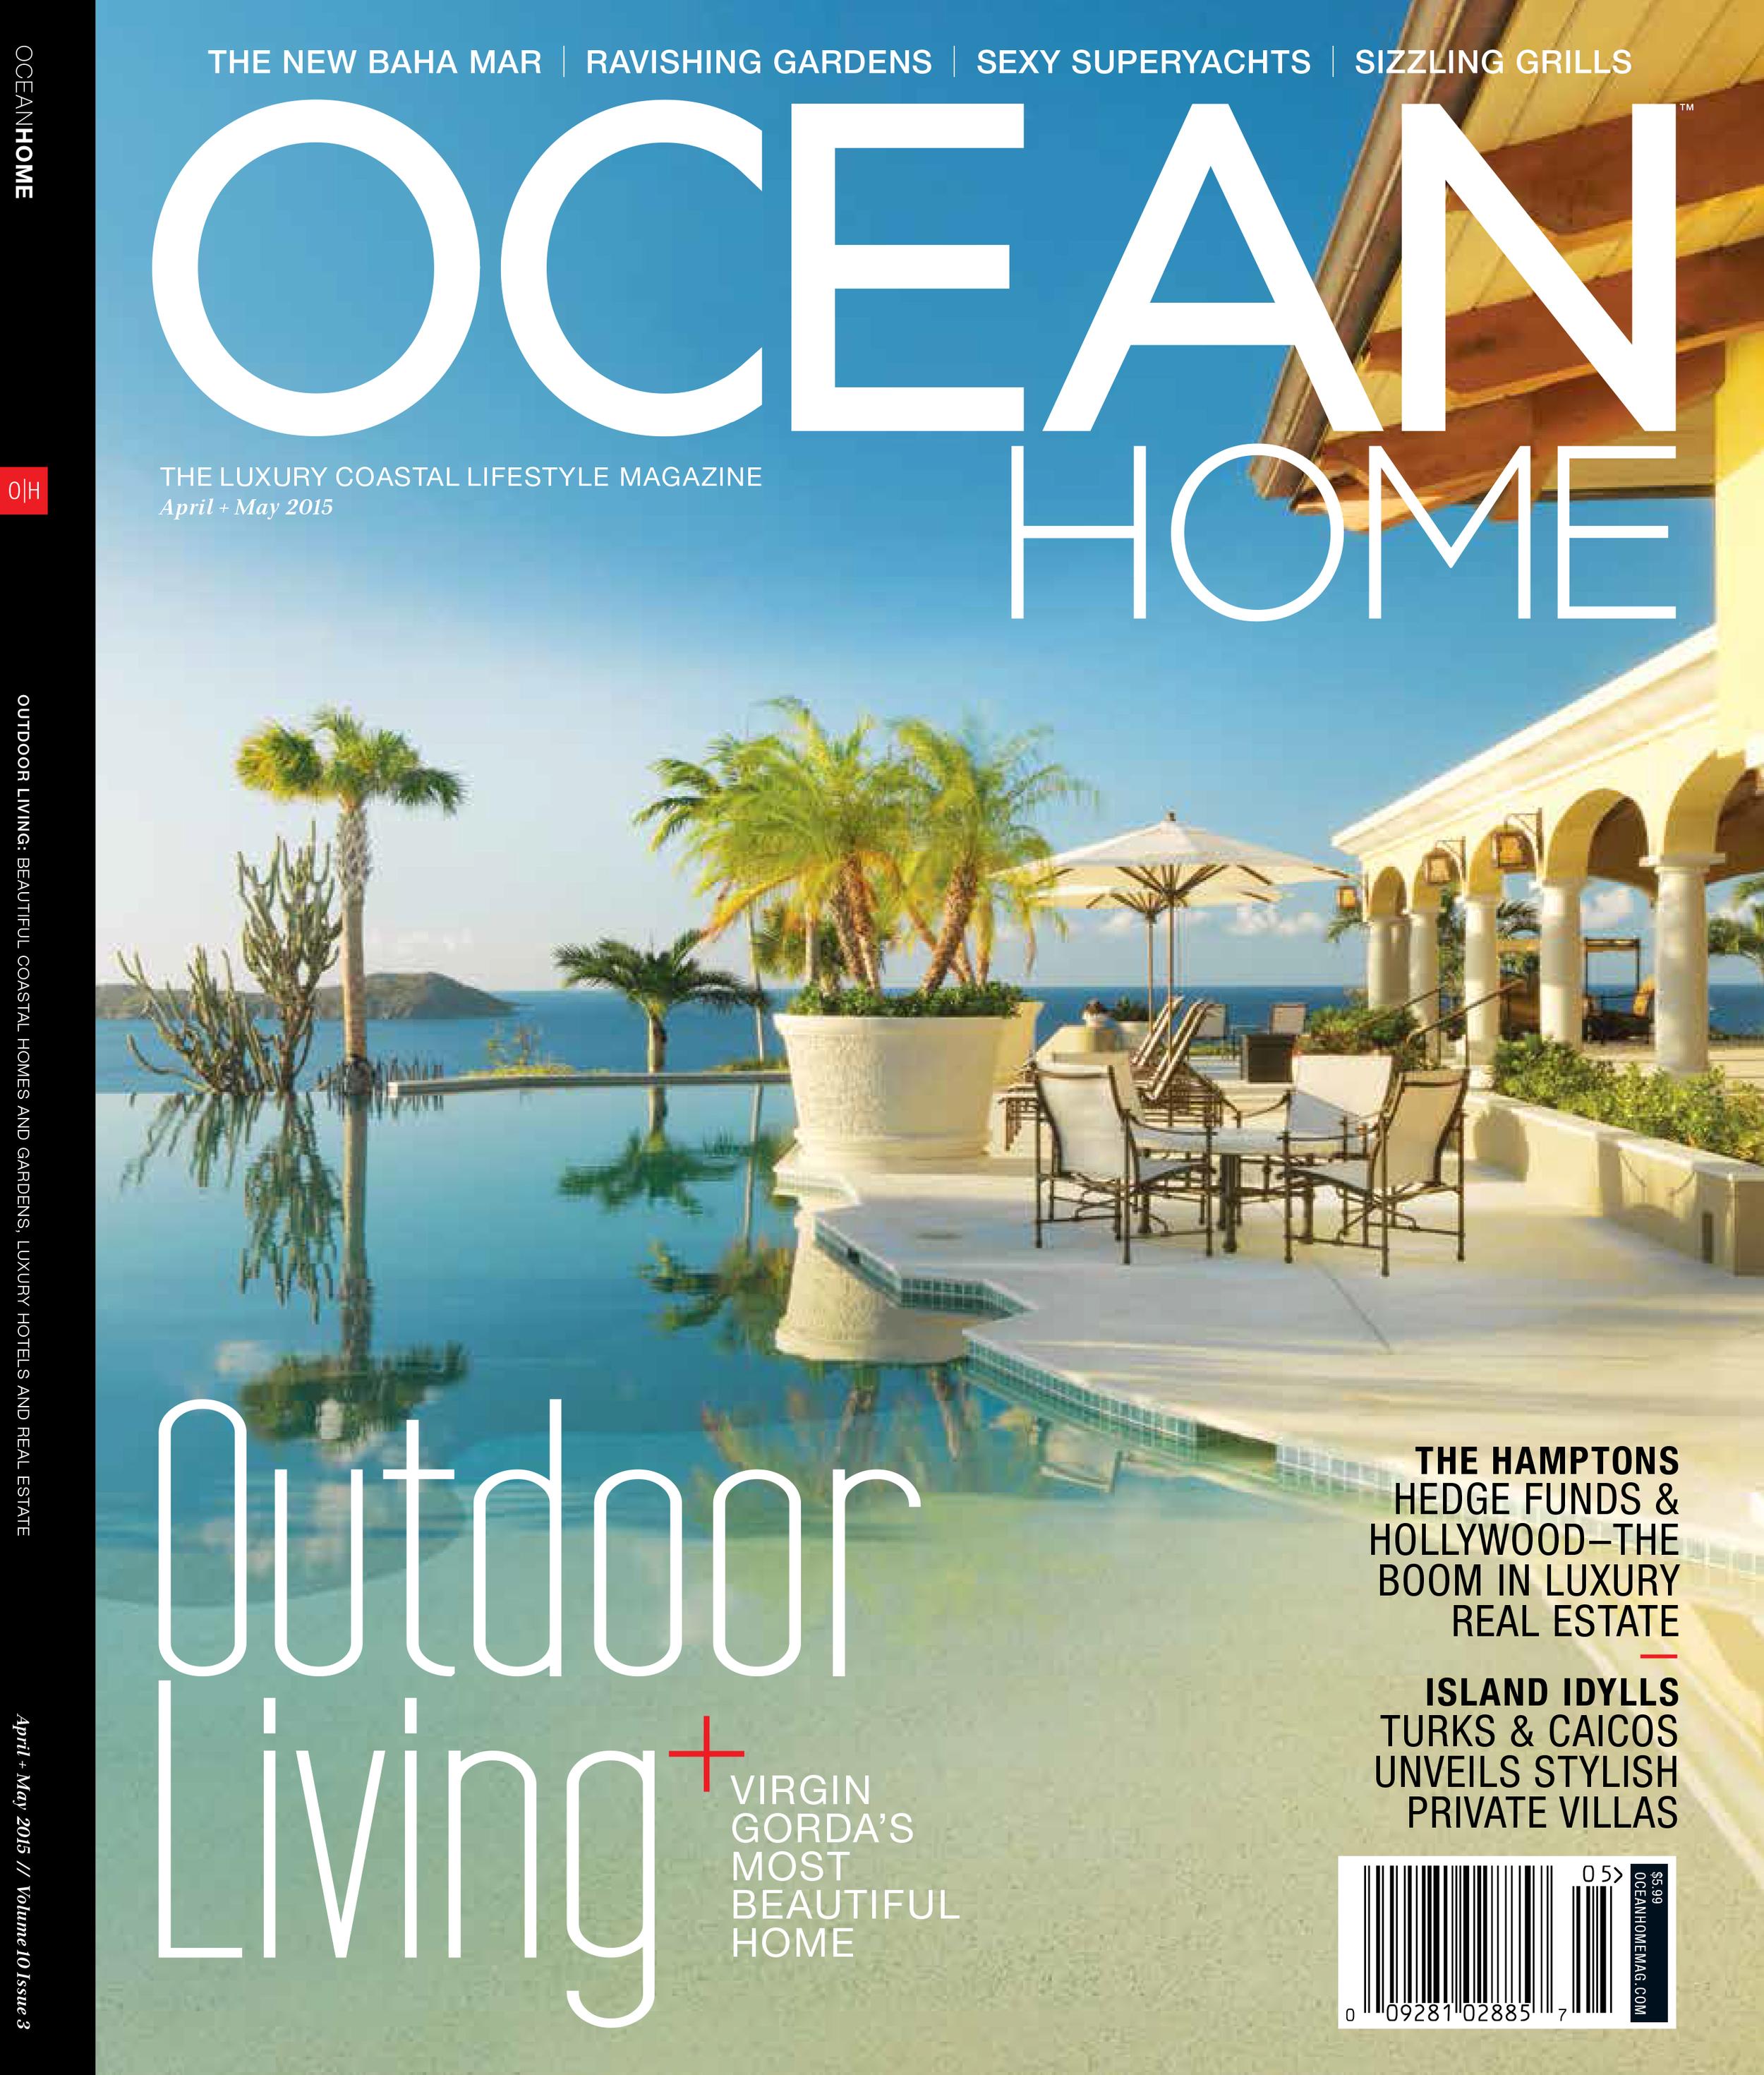 OCEAN HOME Apr/May 2015